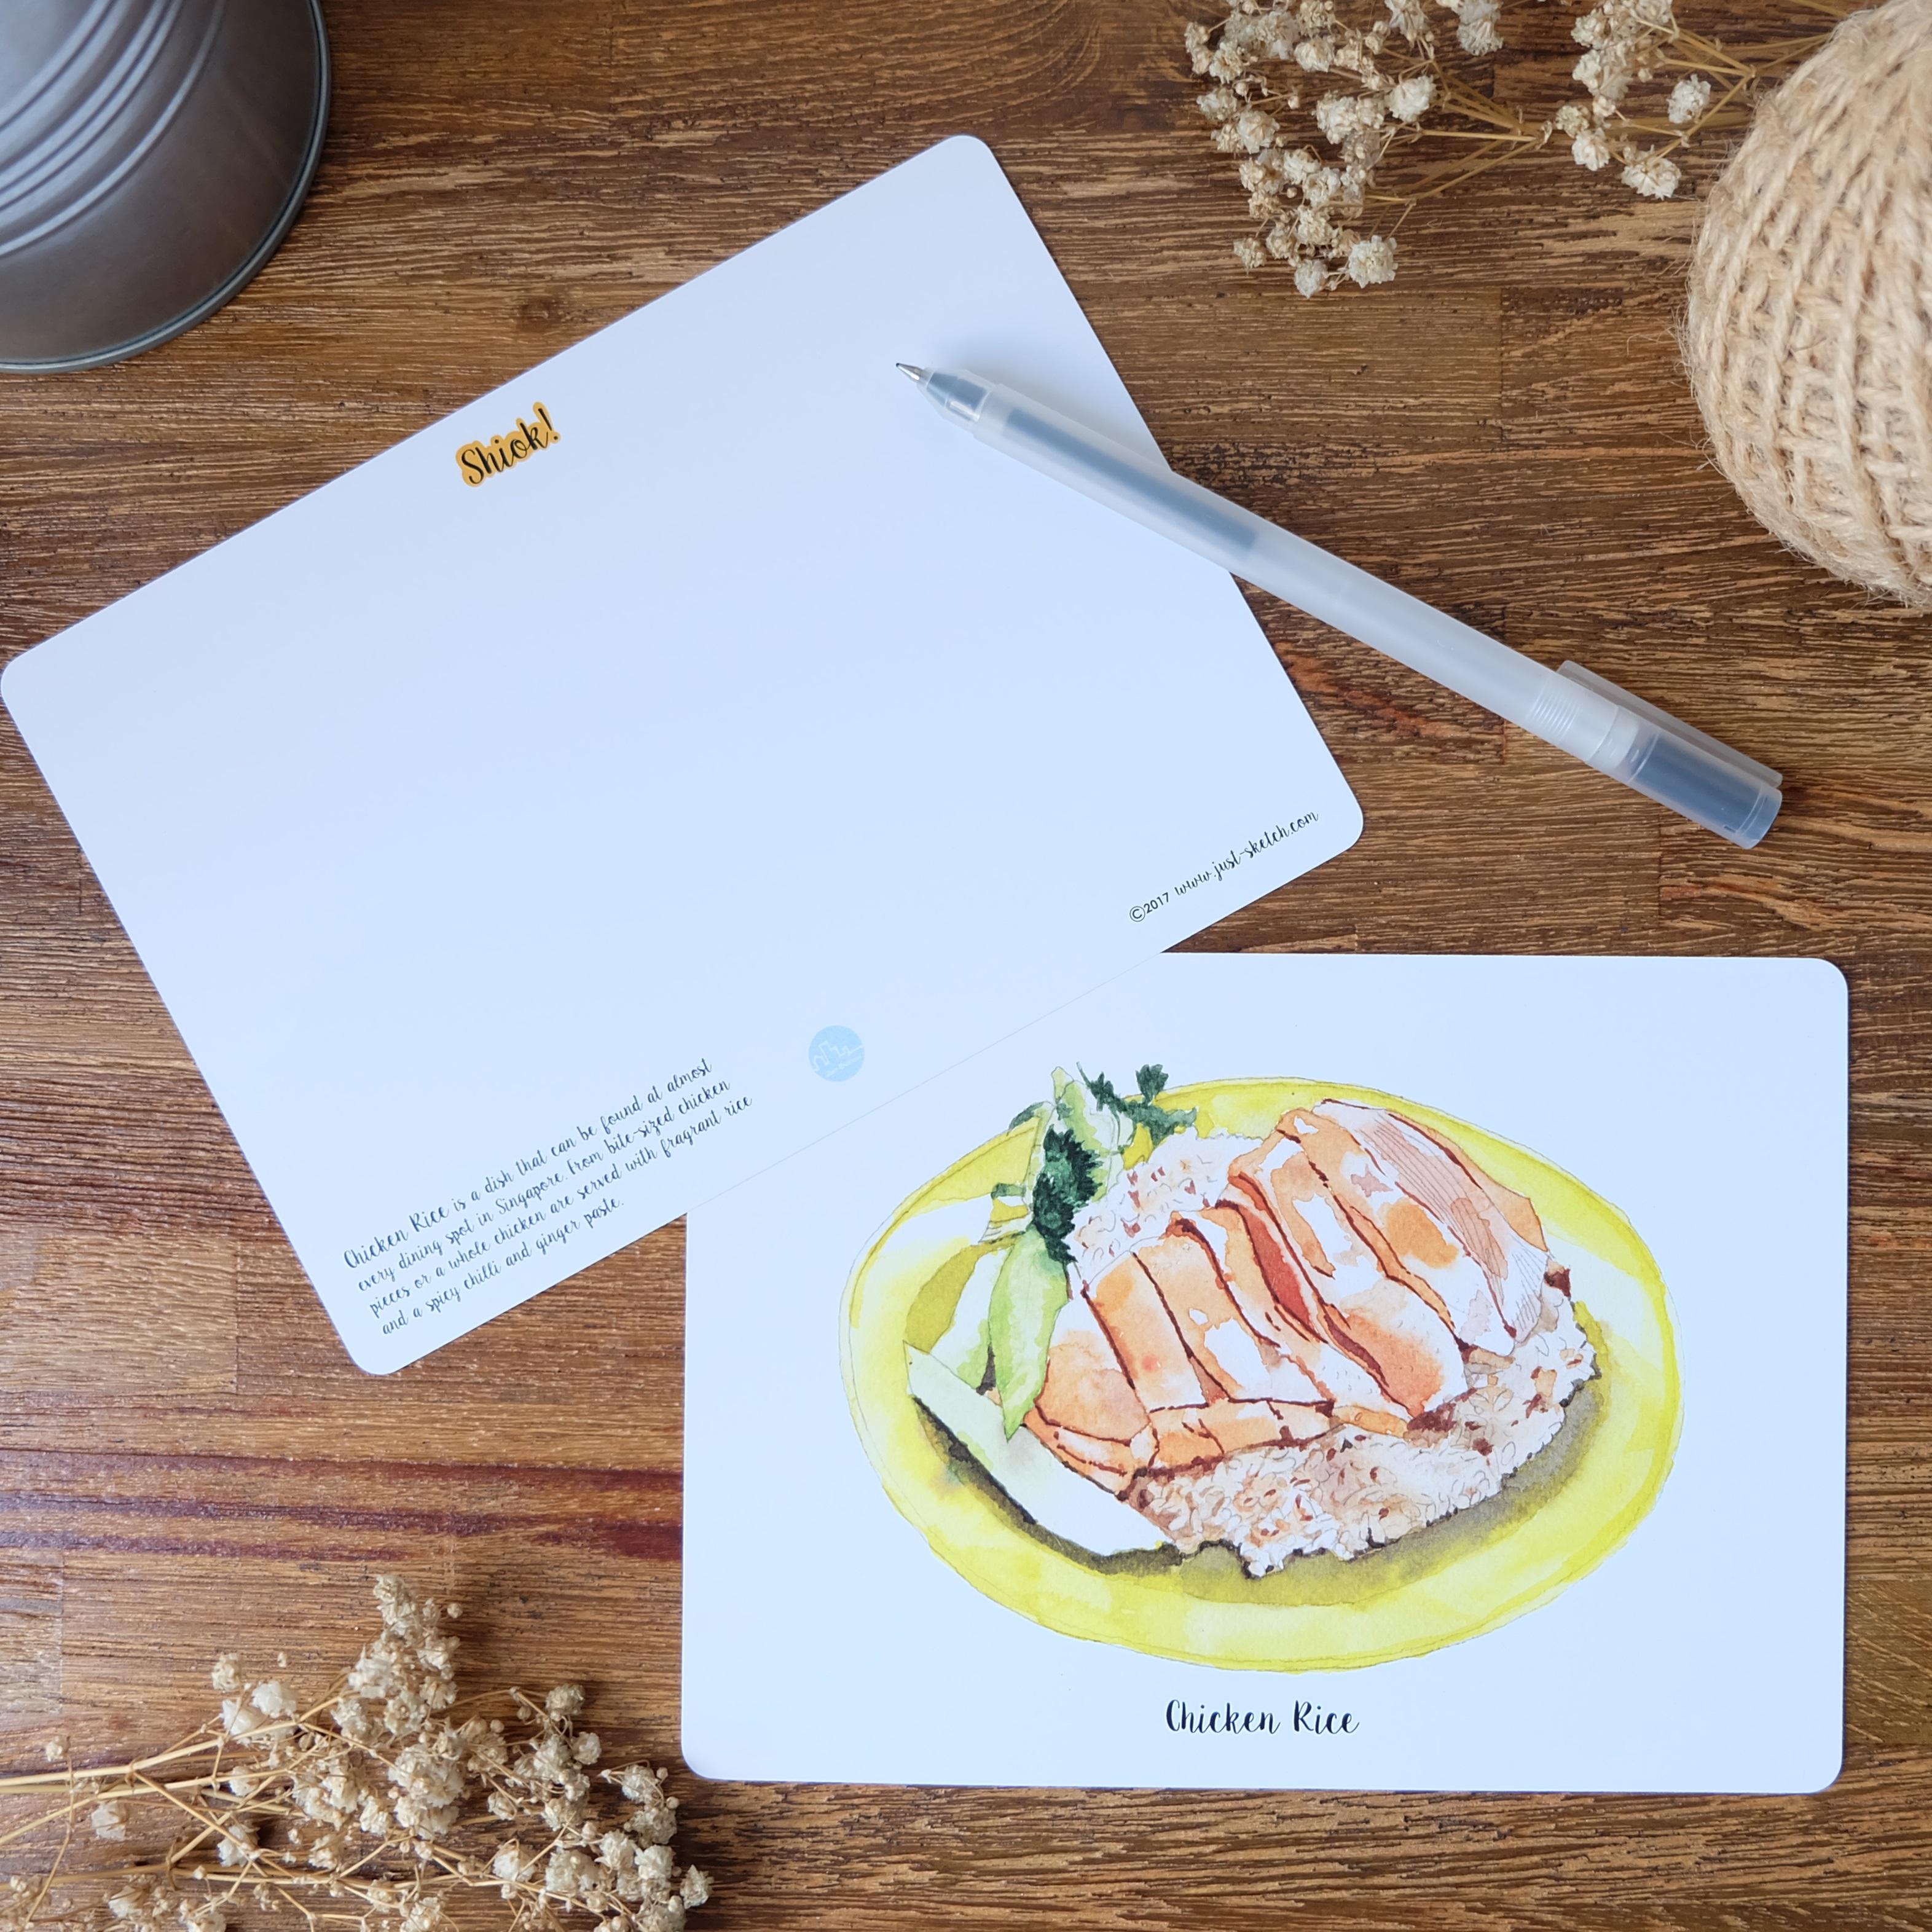 Shiok Chicken Rice Postcard/Art Print | Just Sketch